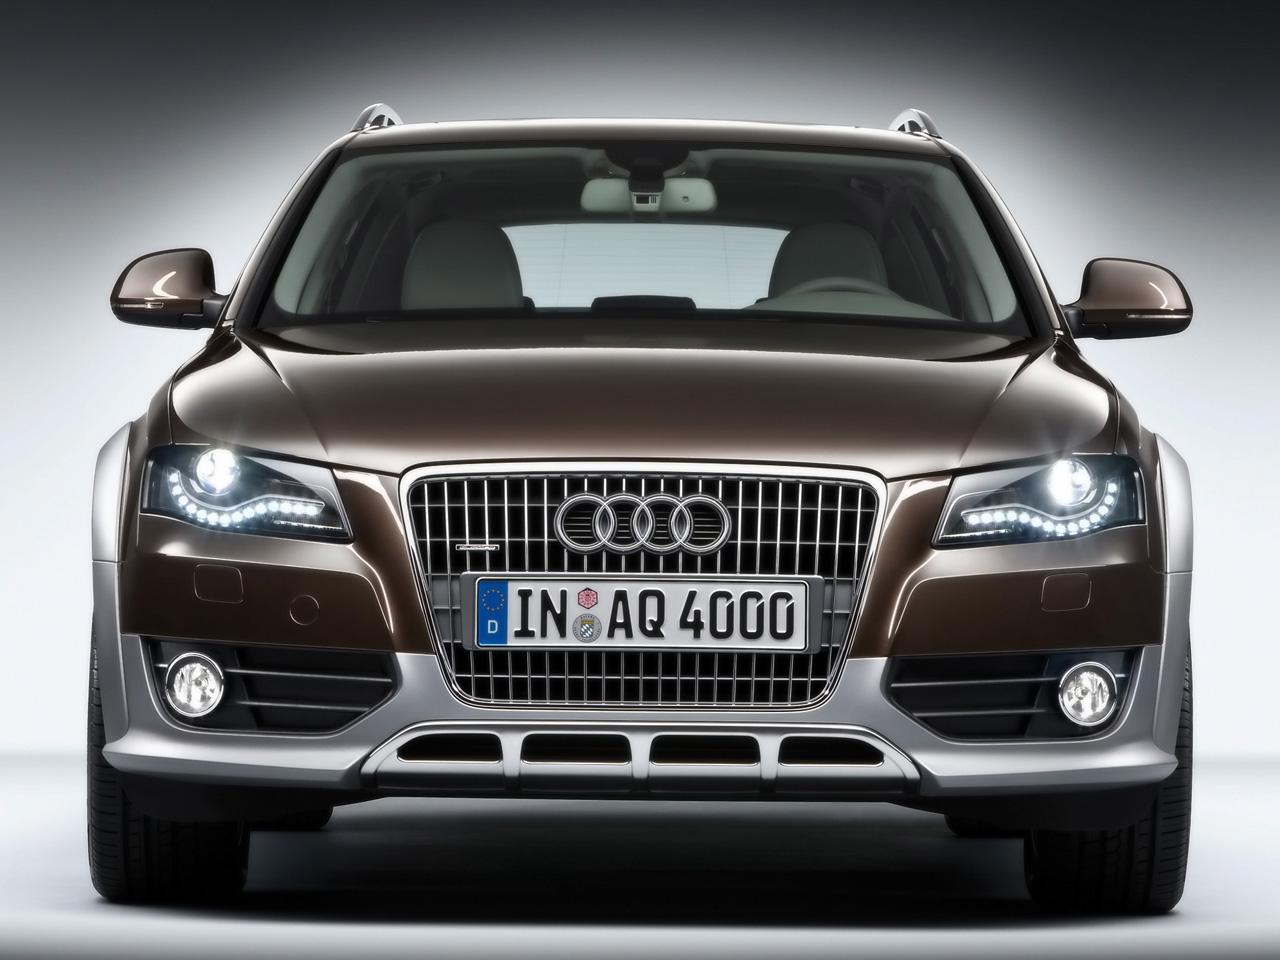 Audi A4 allroad: 07 фото: http://a2goos.com/audi-a4-allroad.html